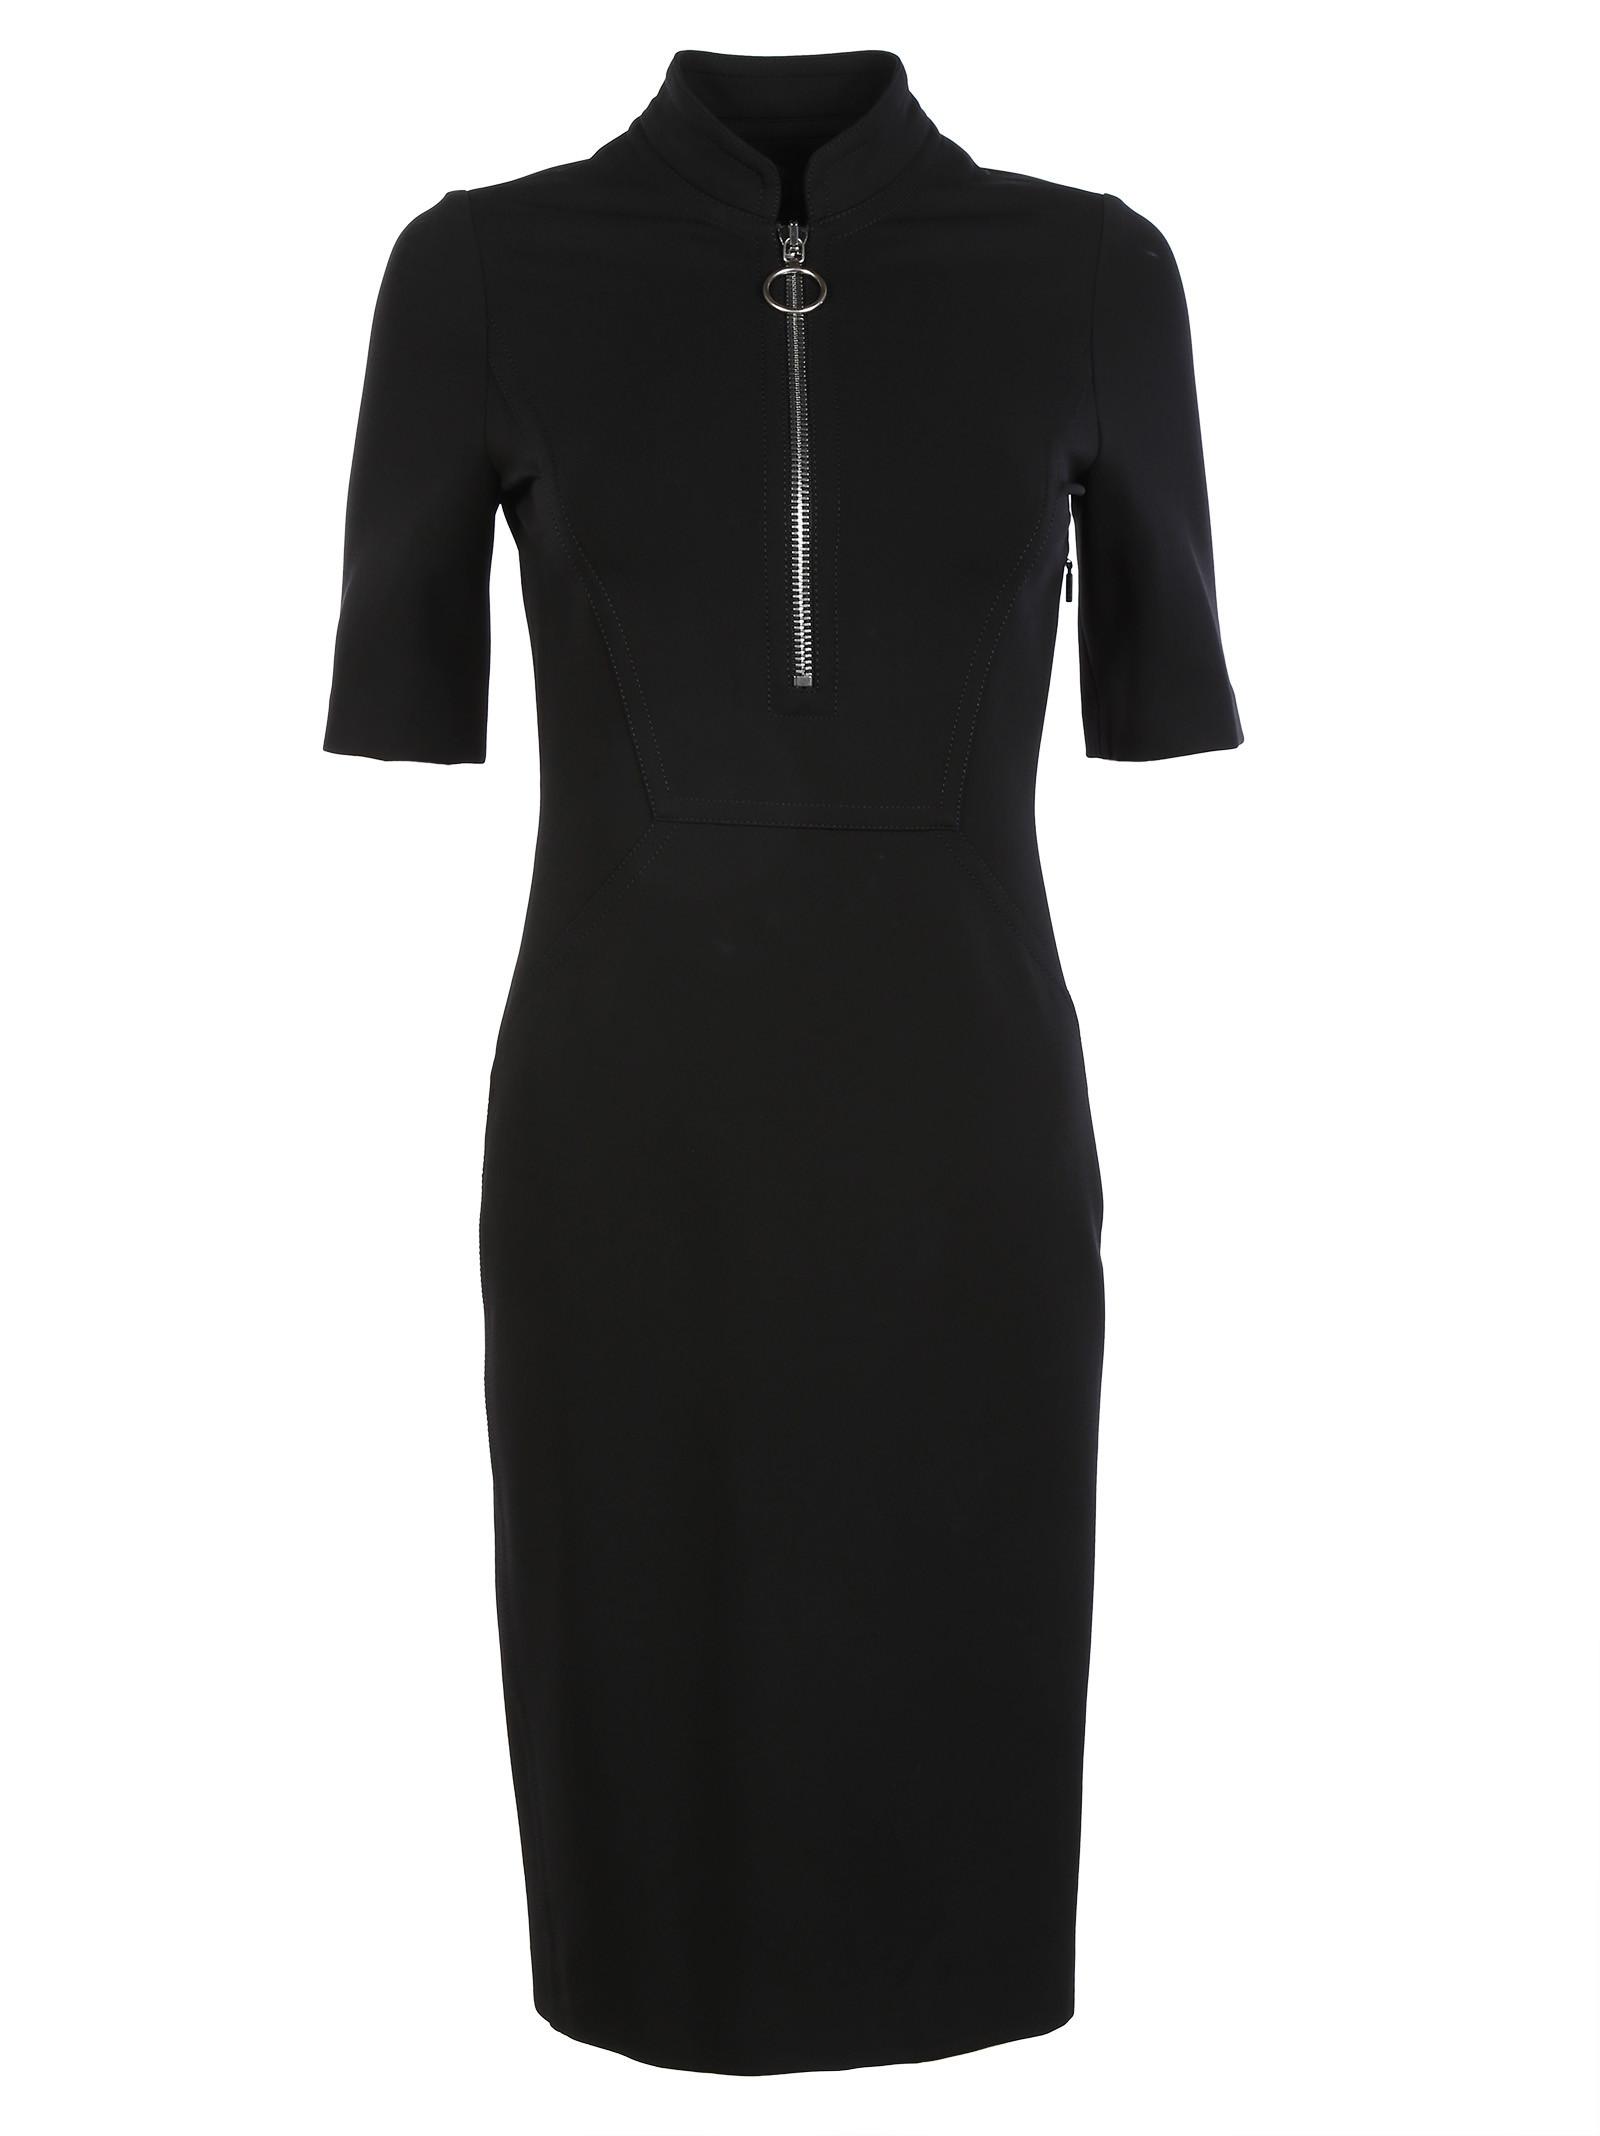 gucci female 188971 gucci zip dress